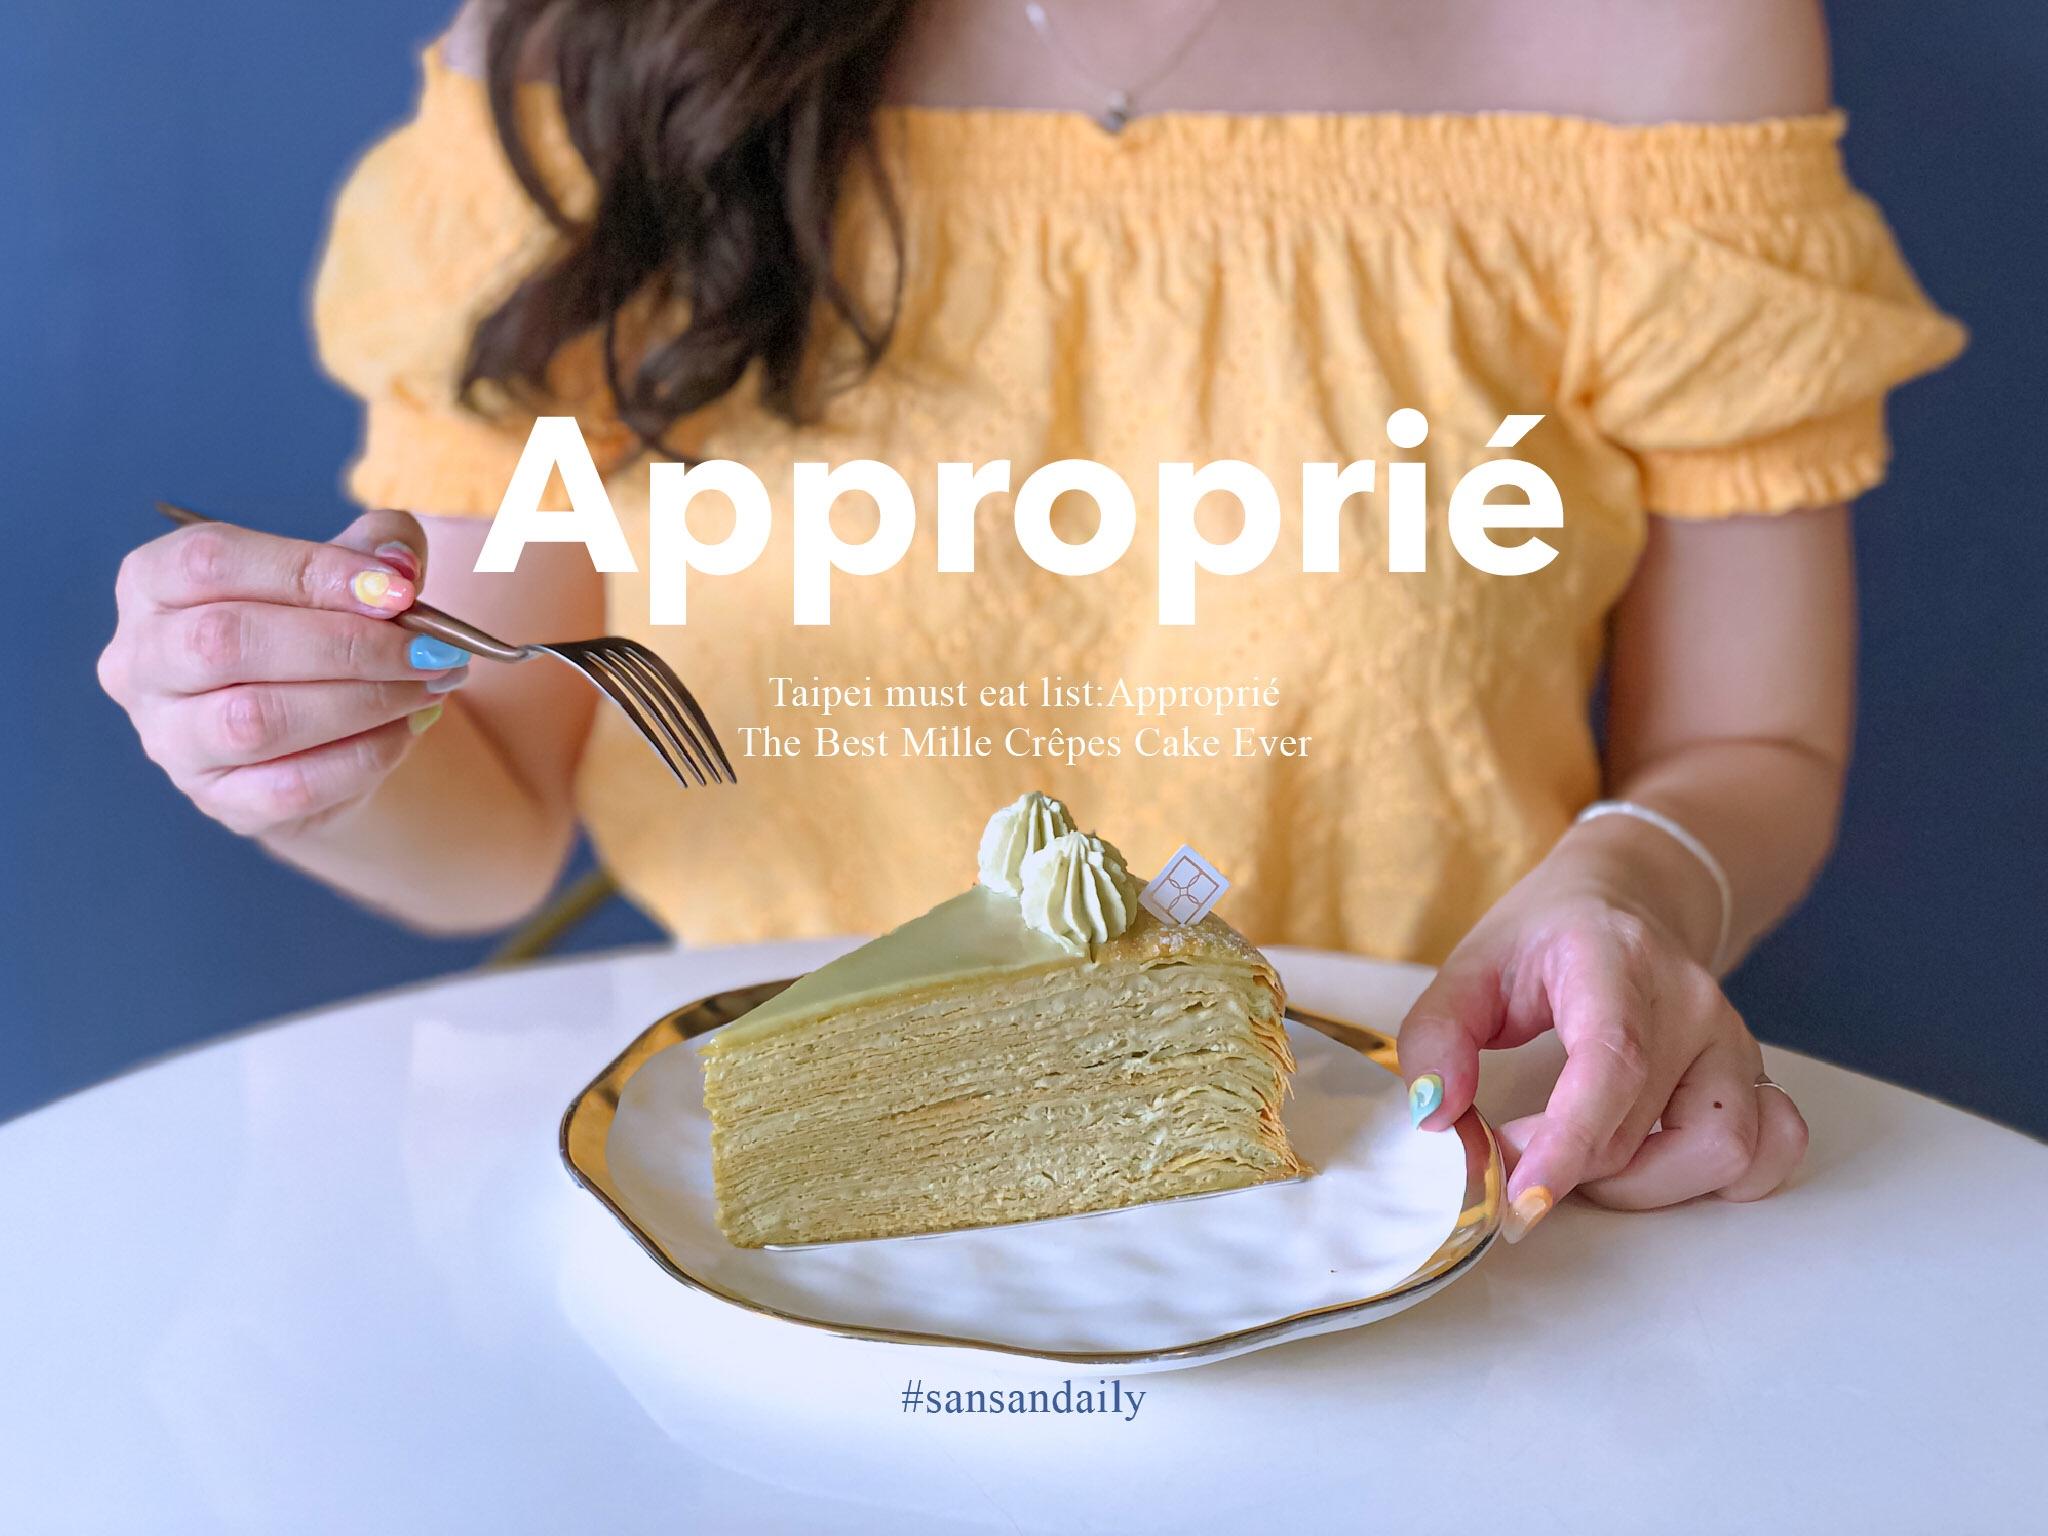 時飴Approprié 媲美Lady M高人氣千層蛋糕 內用座位超美!台北必吃甜點開箱|sansan吃台北